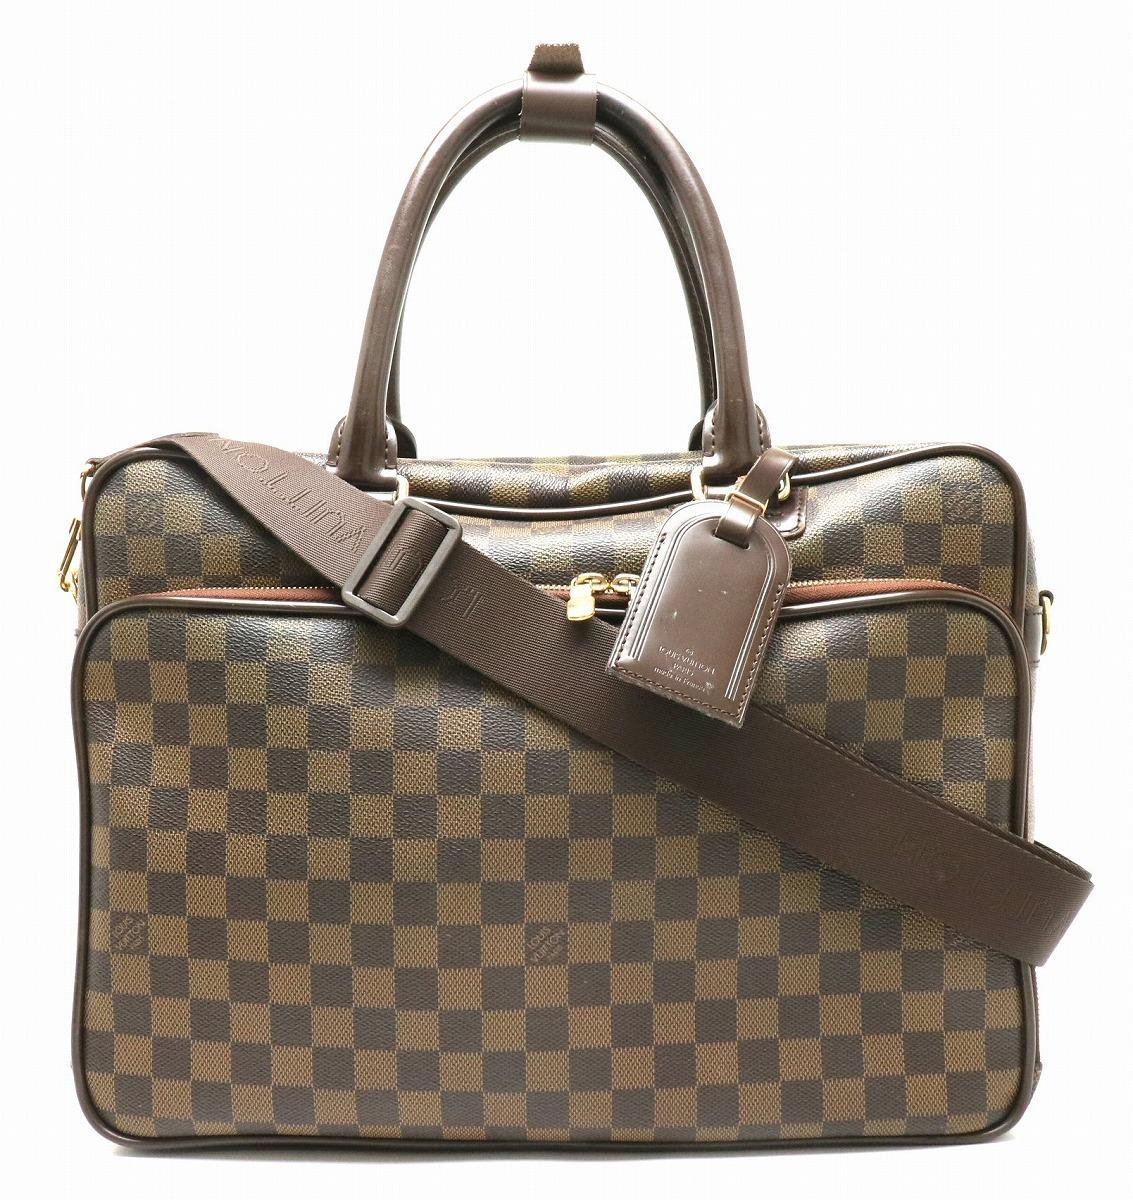 【バッグ】 LOUIS VUITTON ルイ ヴィトン ダミエ イカール ショルダーバッグ ビジネスバッグ 2WAY 斜め掛け N23252 【中古】